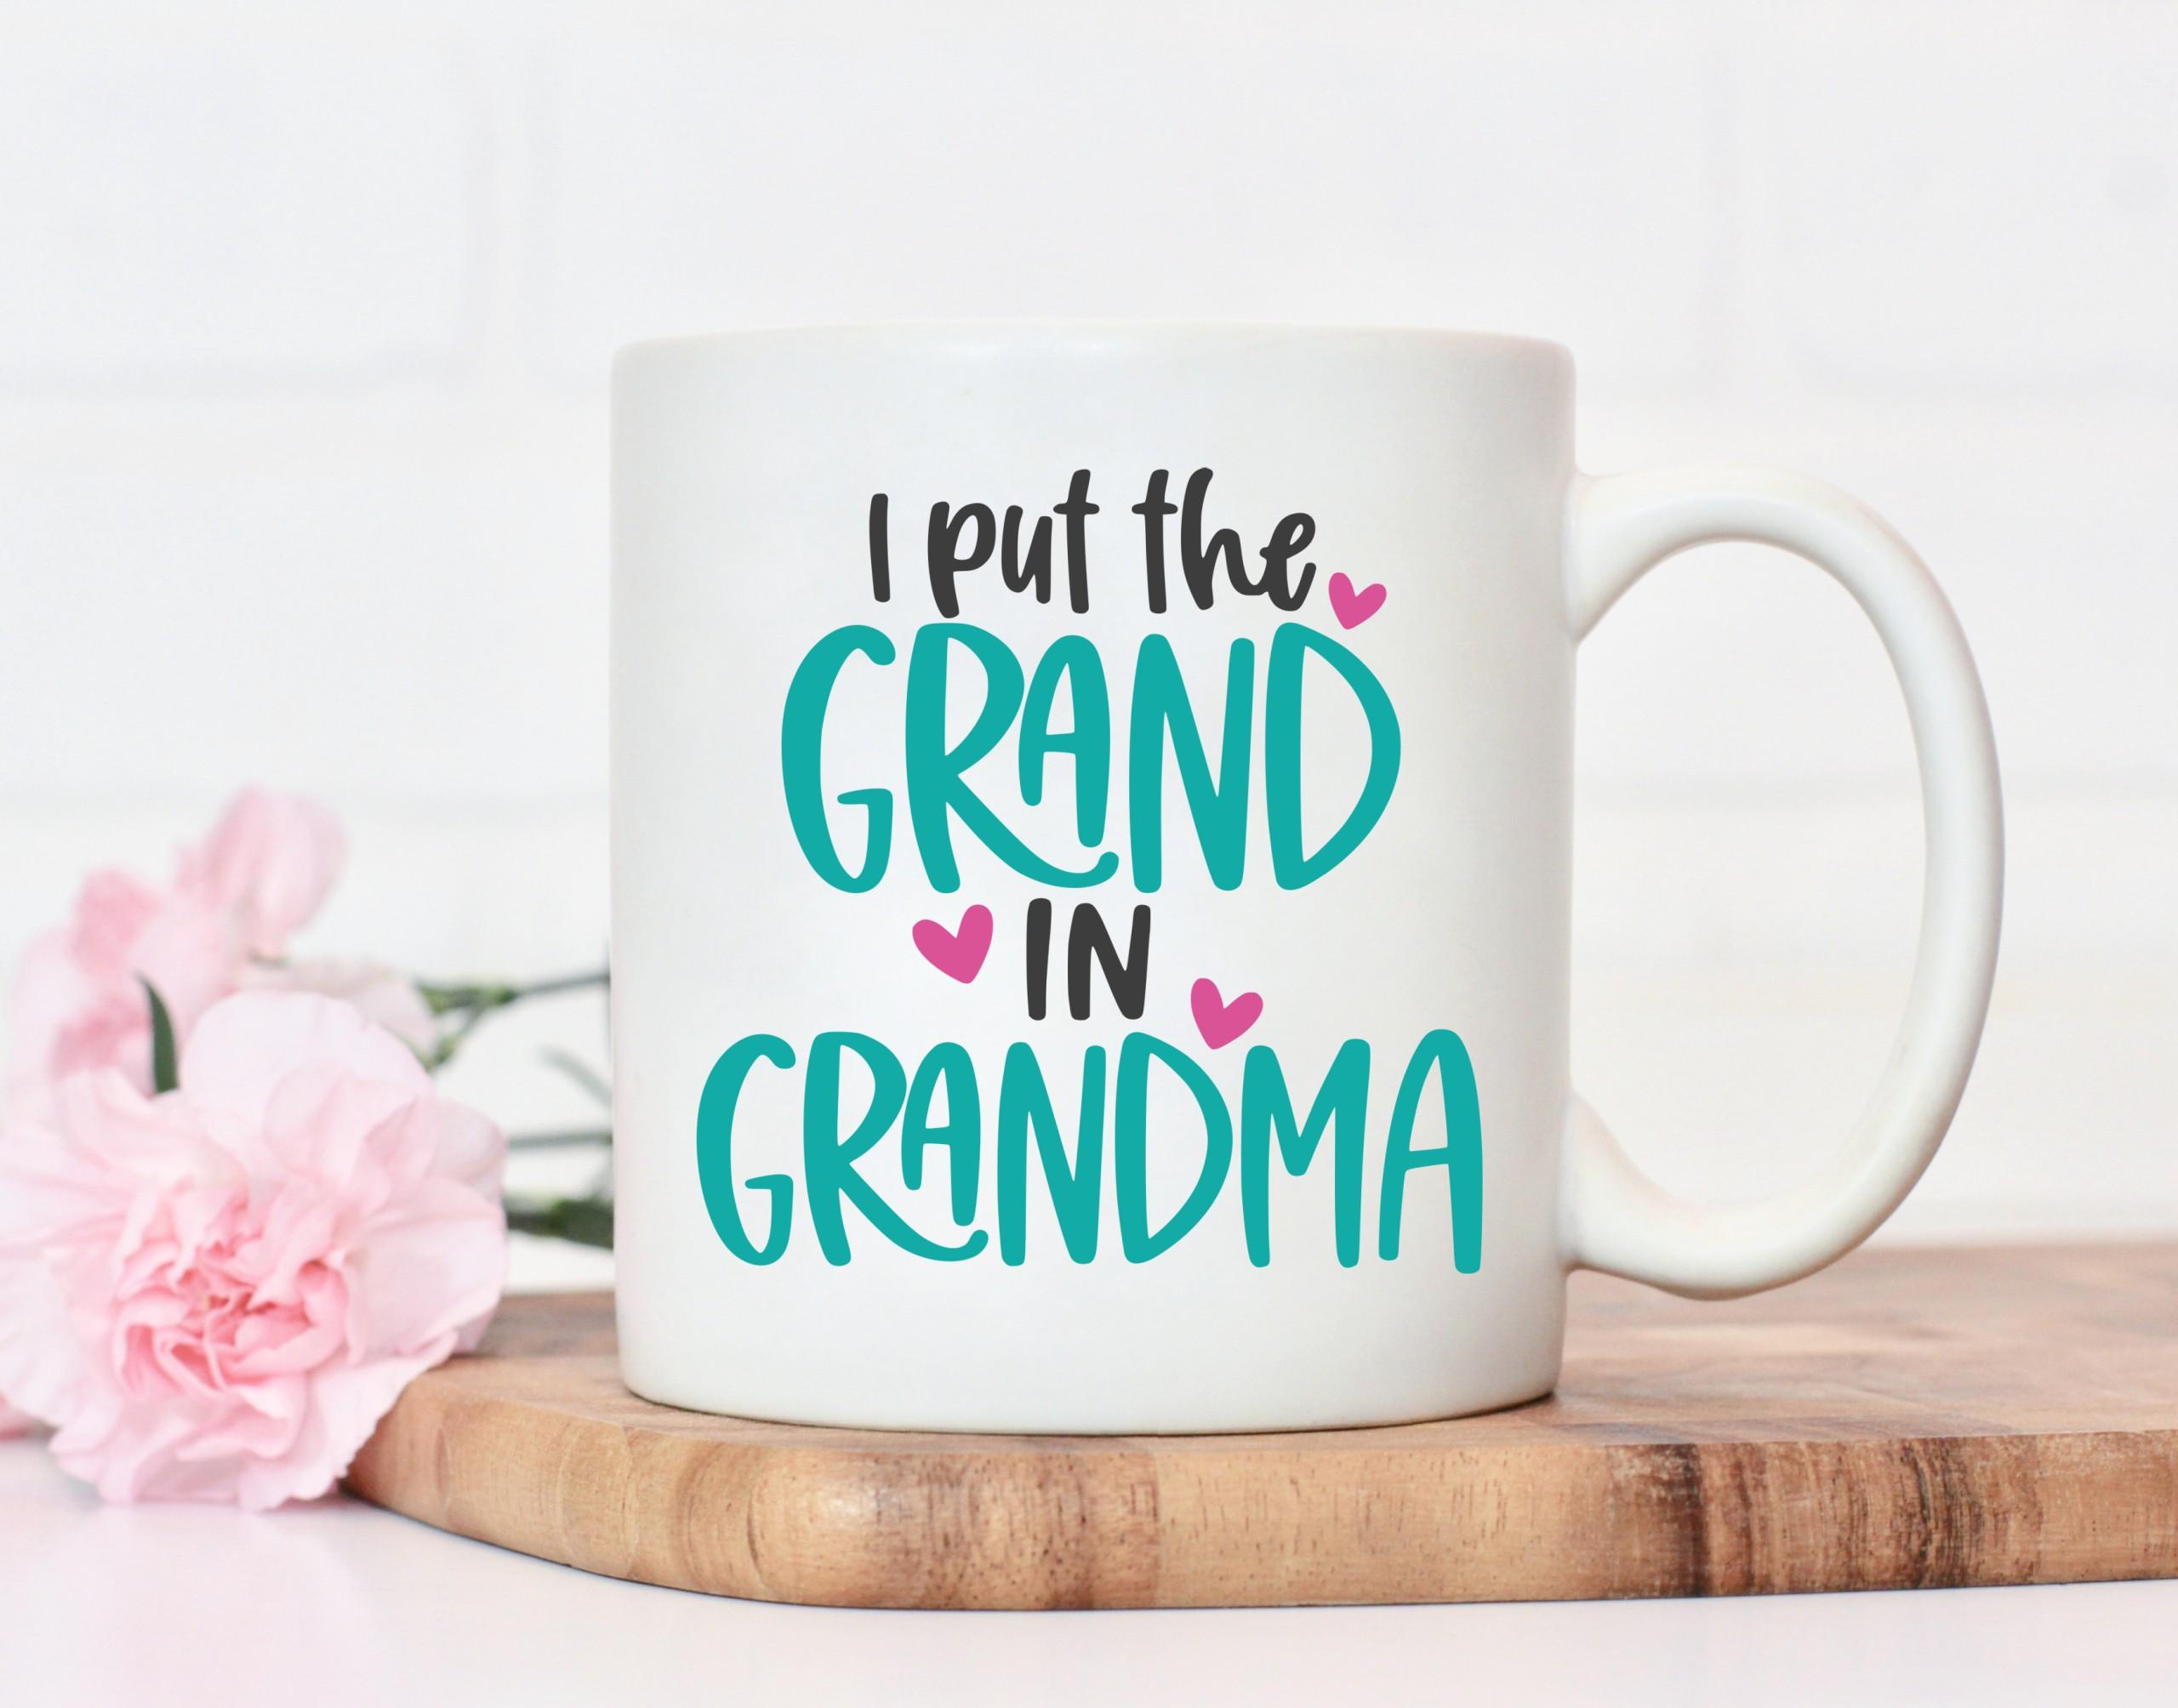 I Put the Grand in Grandma cut file on white mug